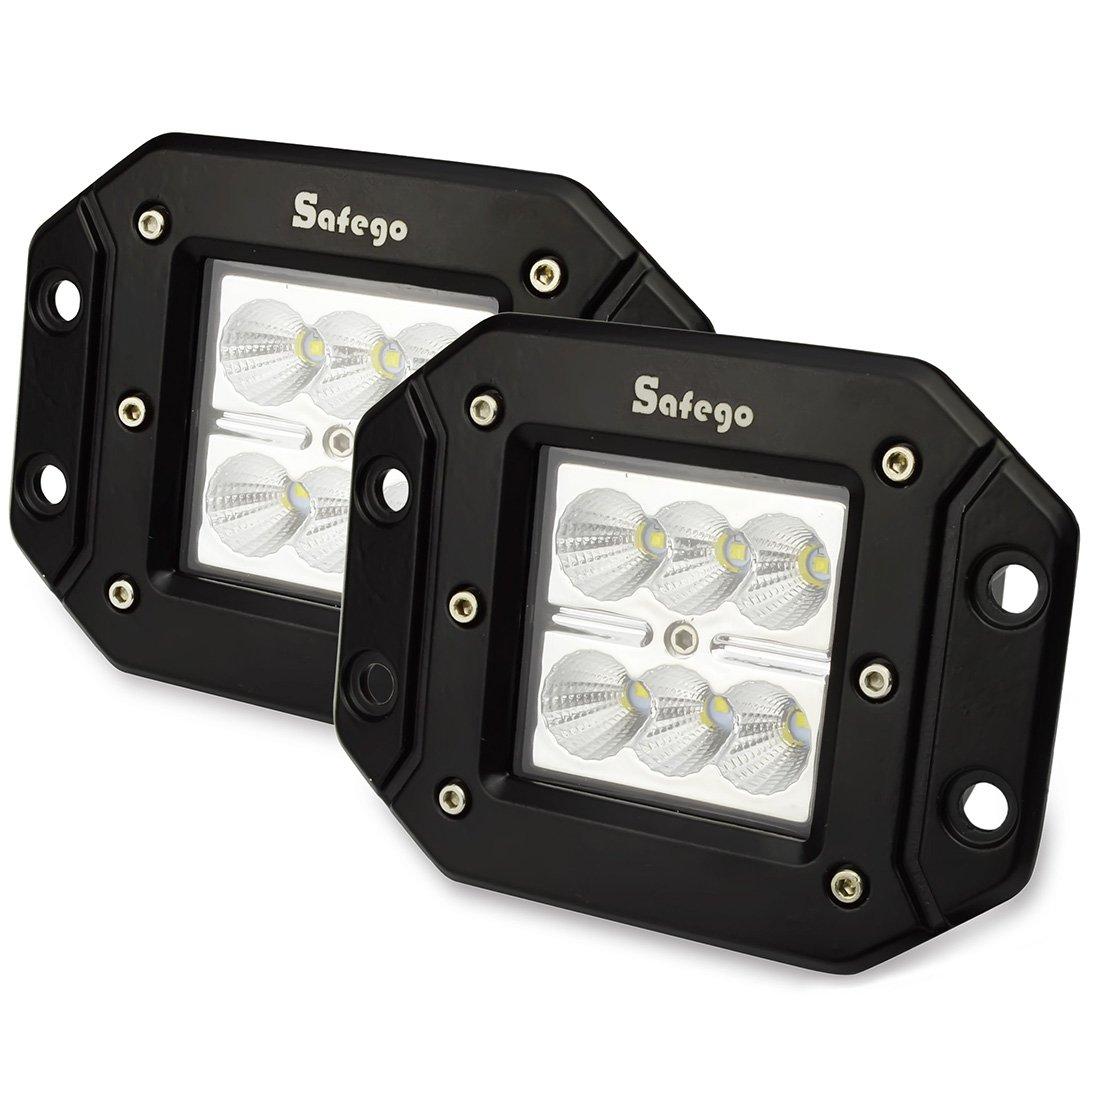 Safego 2x 24W Faro Da Lavoro Luce Barra Luminosa LED Fendinebbia Fanalino Luce Anteriore e Posteriore ecc per Autoveicoli Fuoristrada 10 ~ 30V DC Inondazione Y